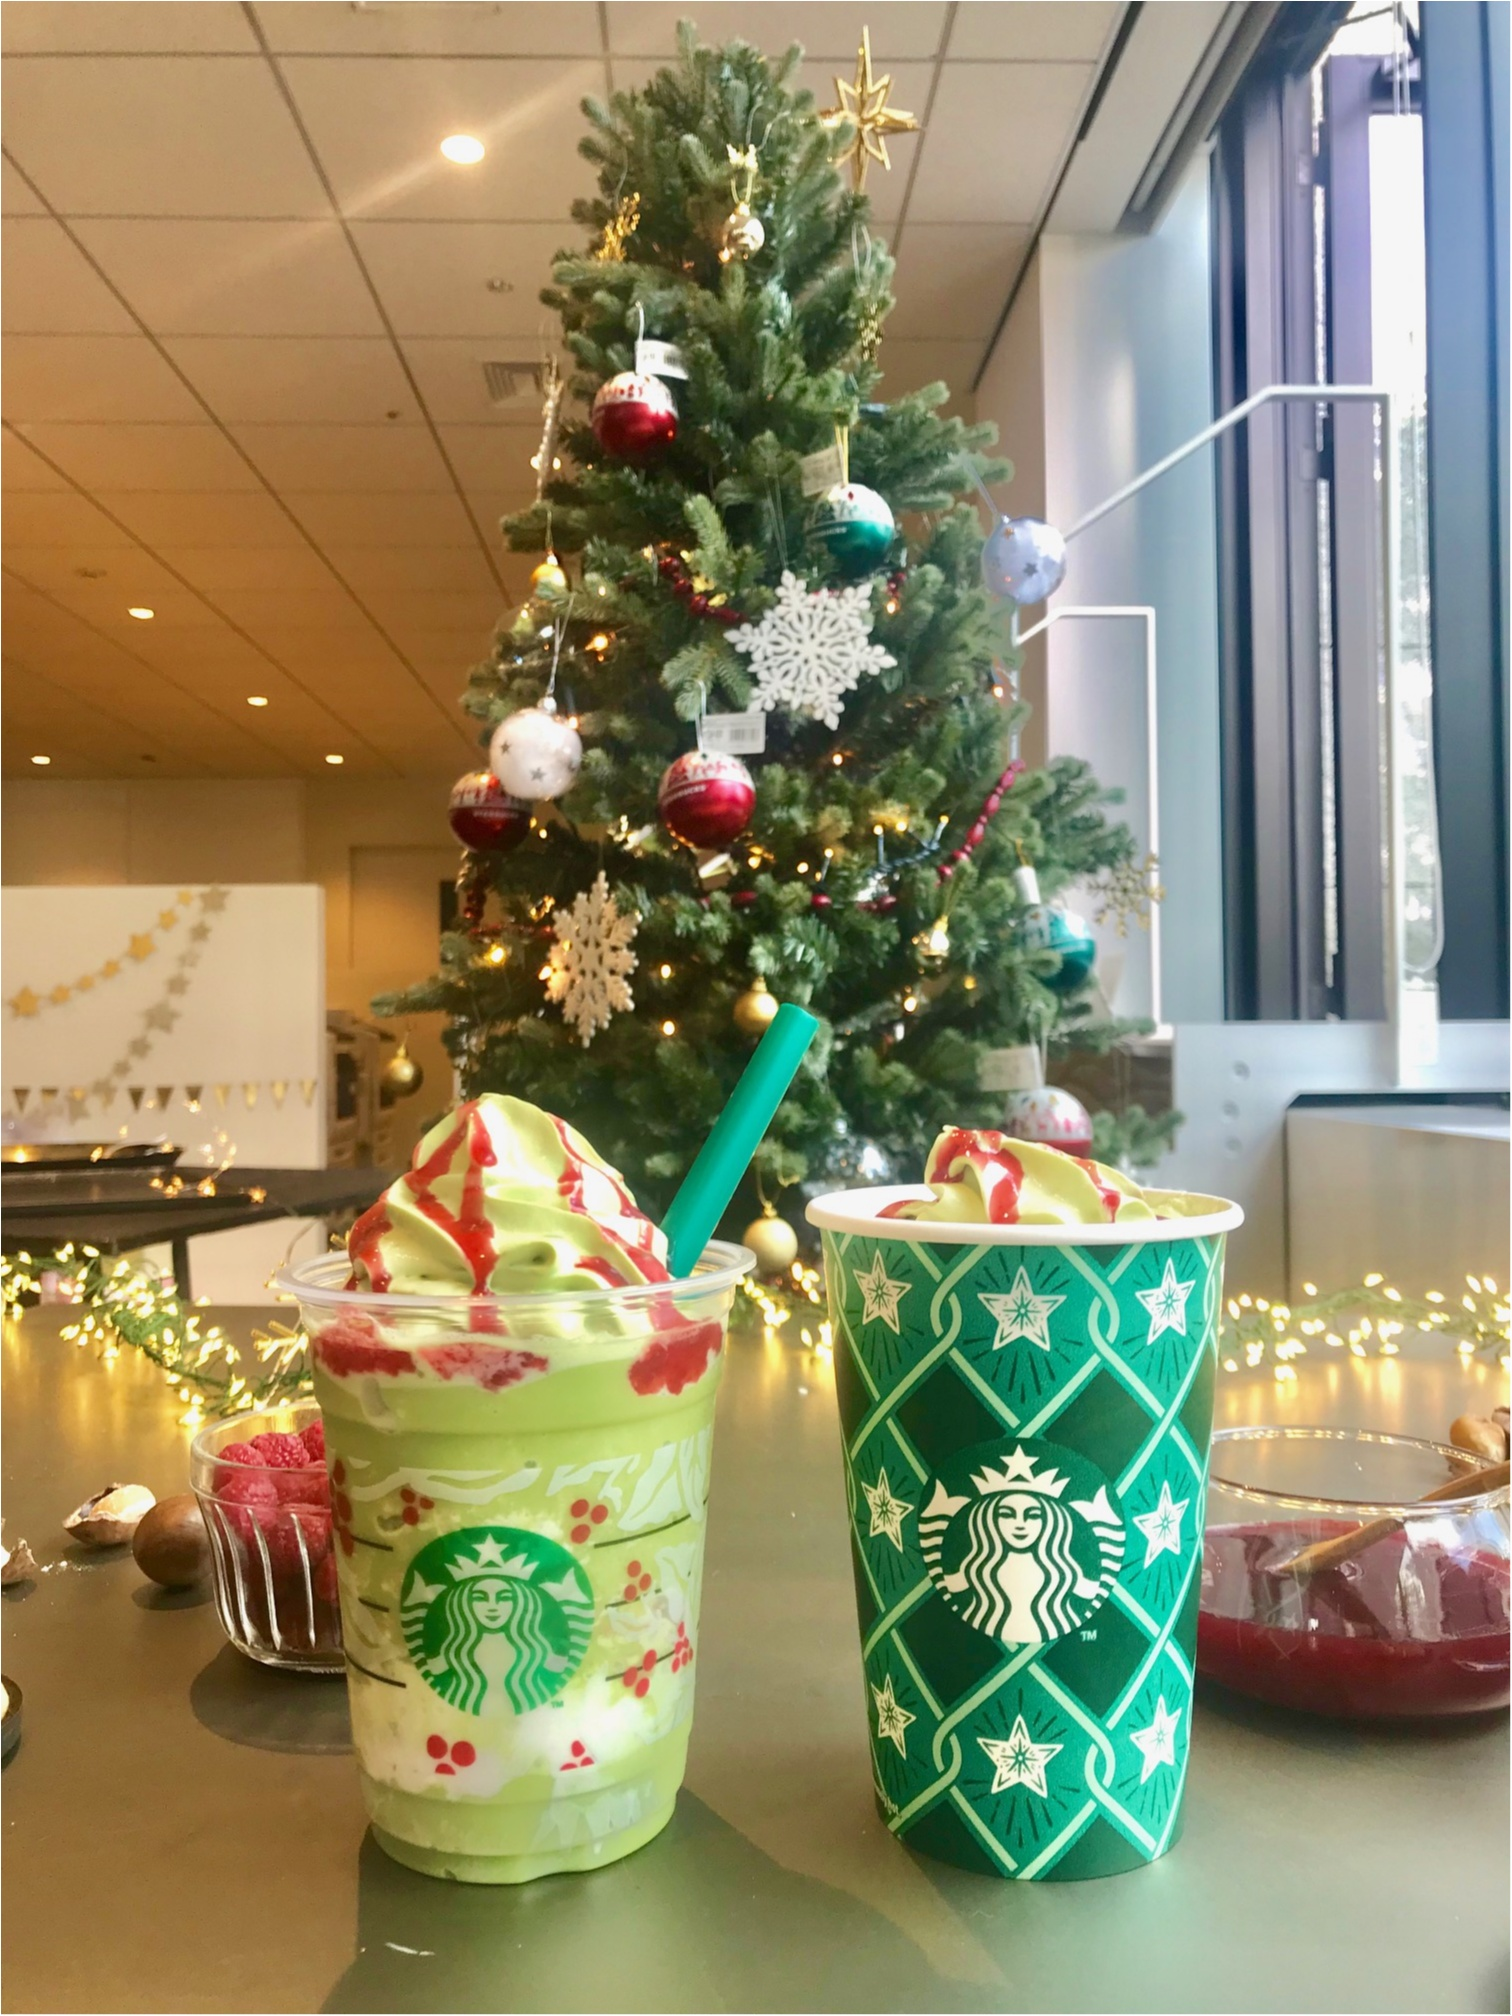 【スタバ新作試飲レポ】まるでクリスマスツリー! カスタマイズを楽しむホリデーシリーズ最終回★_1